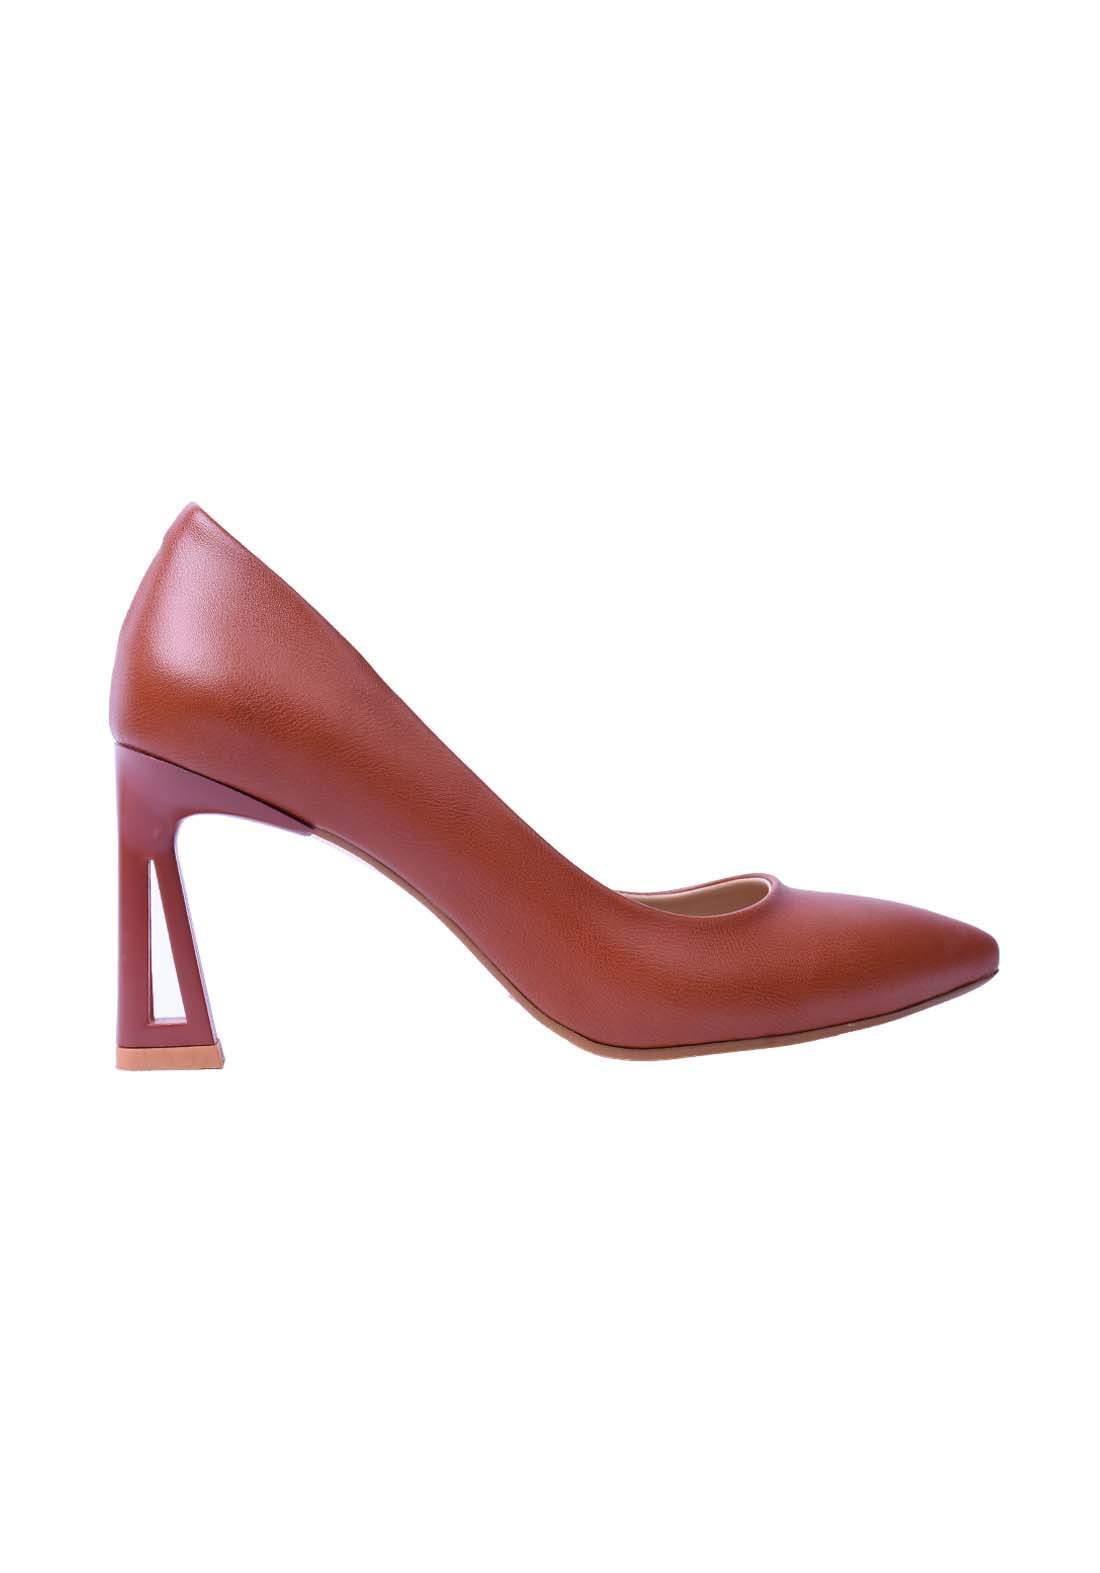 حذاء نسائي جلد بني اللون